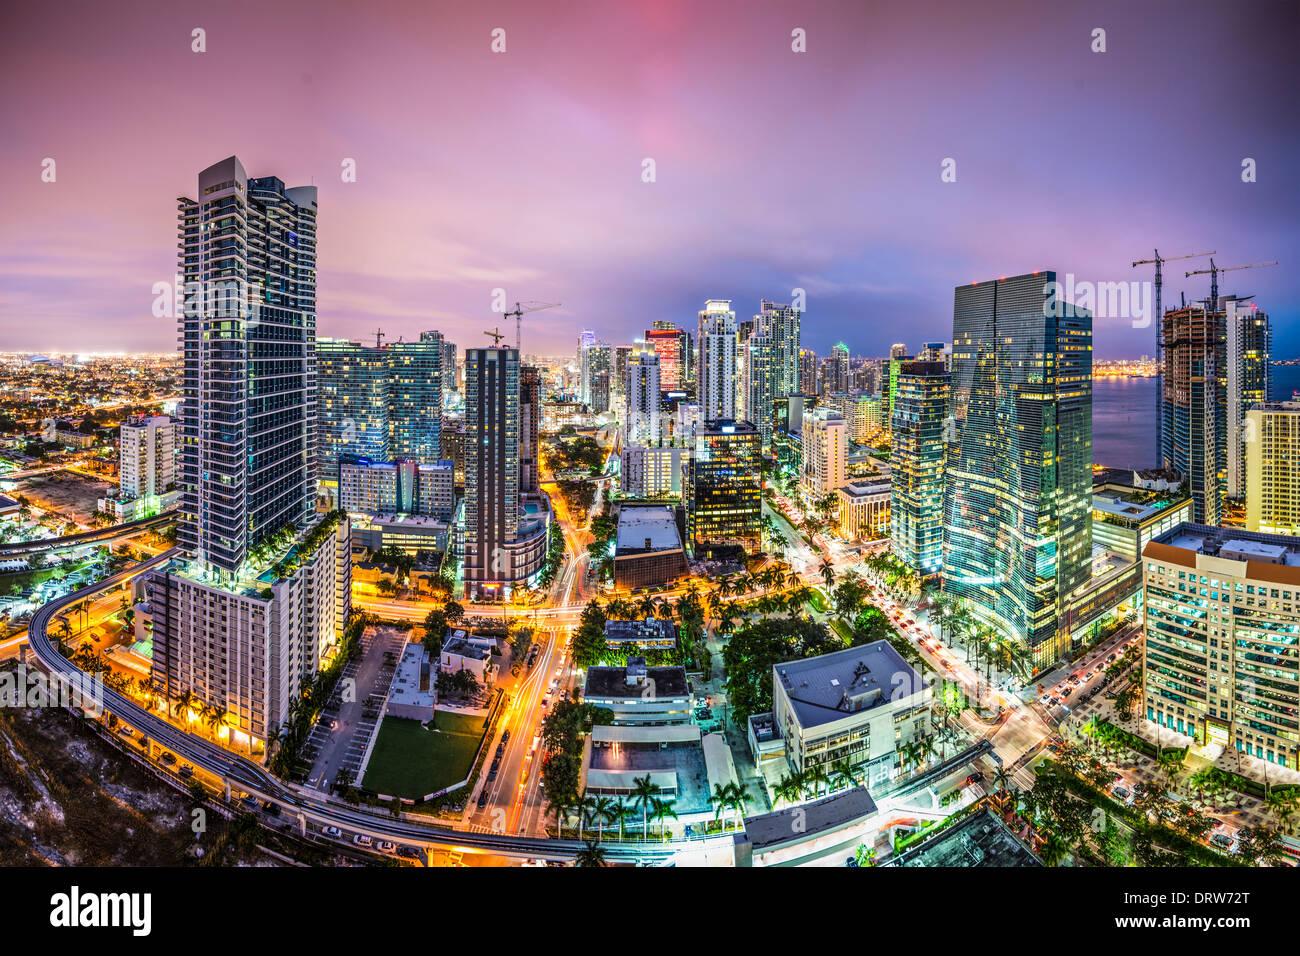 Miami, Florida, vista aérea del centro de la ciudad. Imagen De Stock